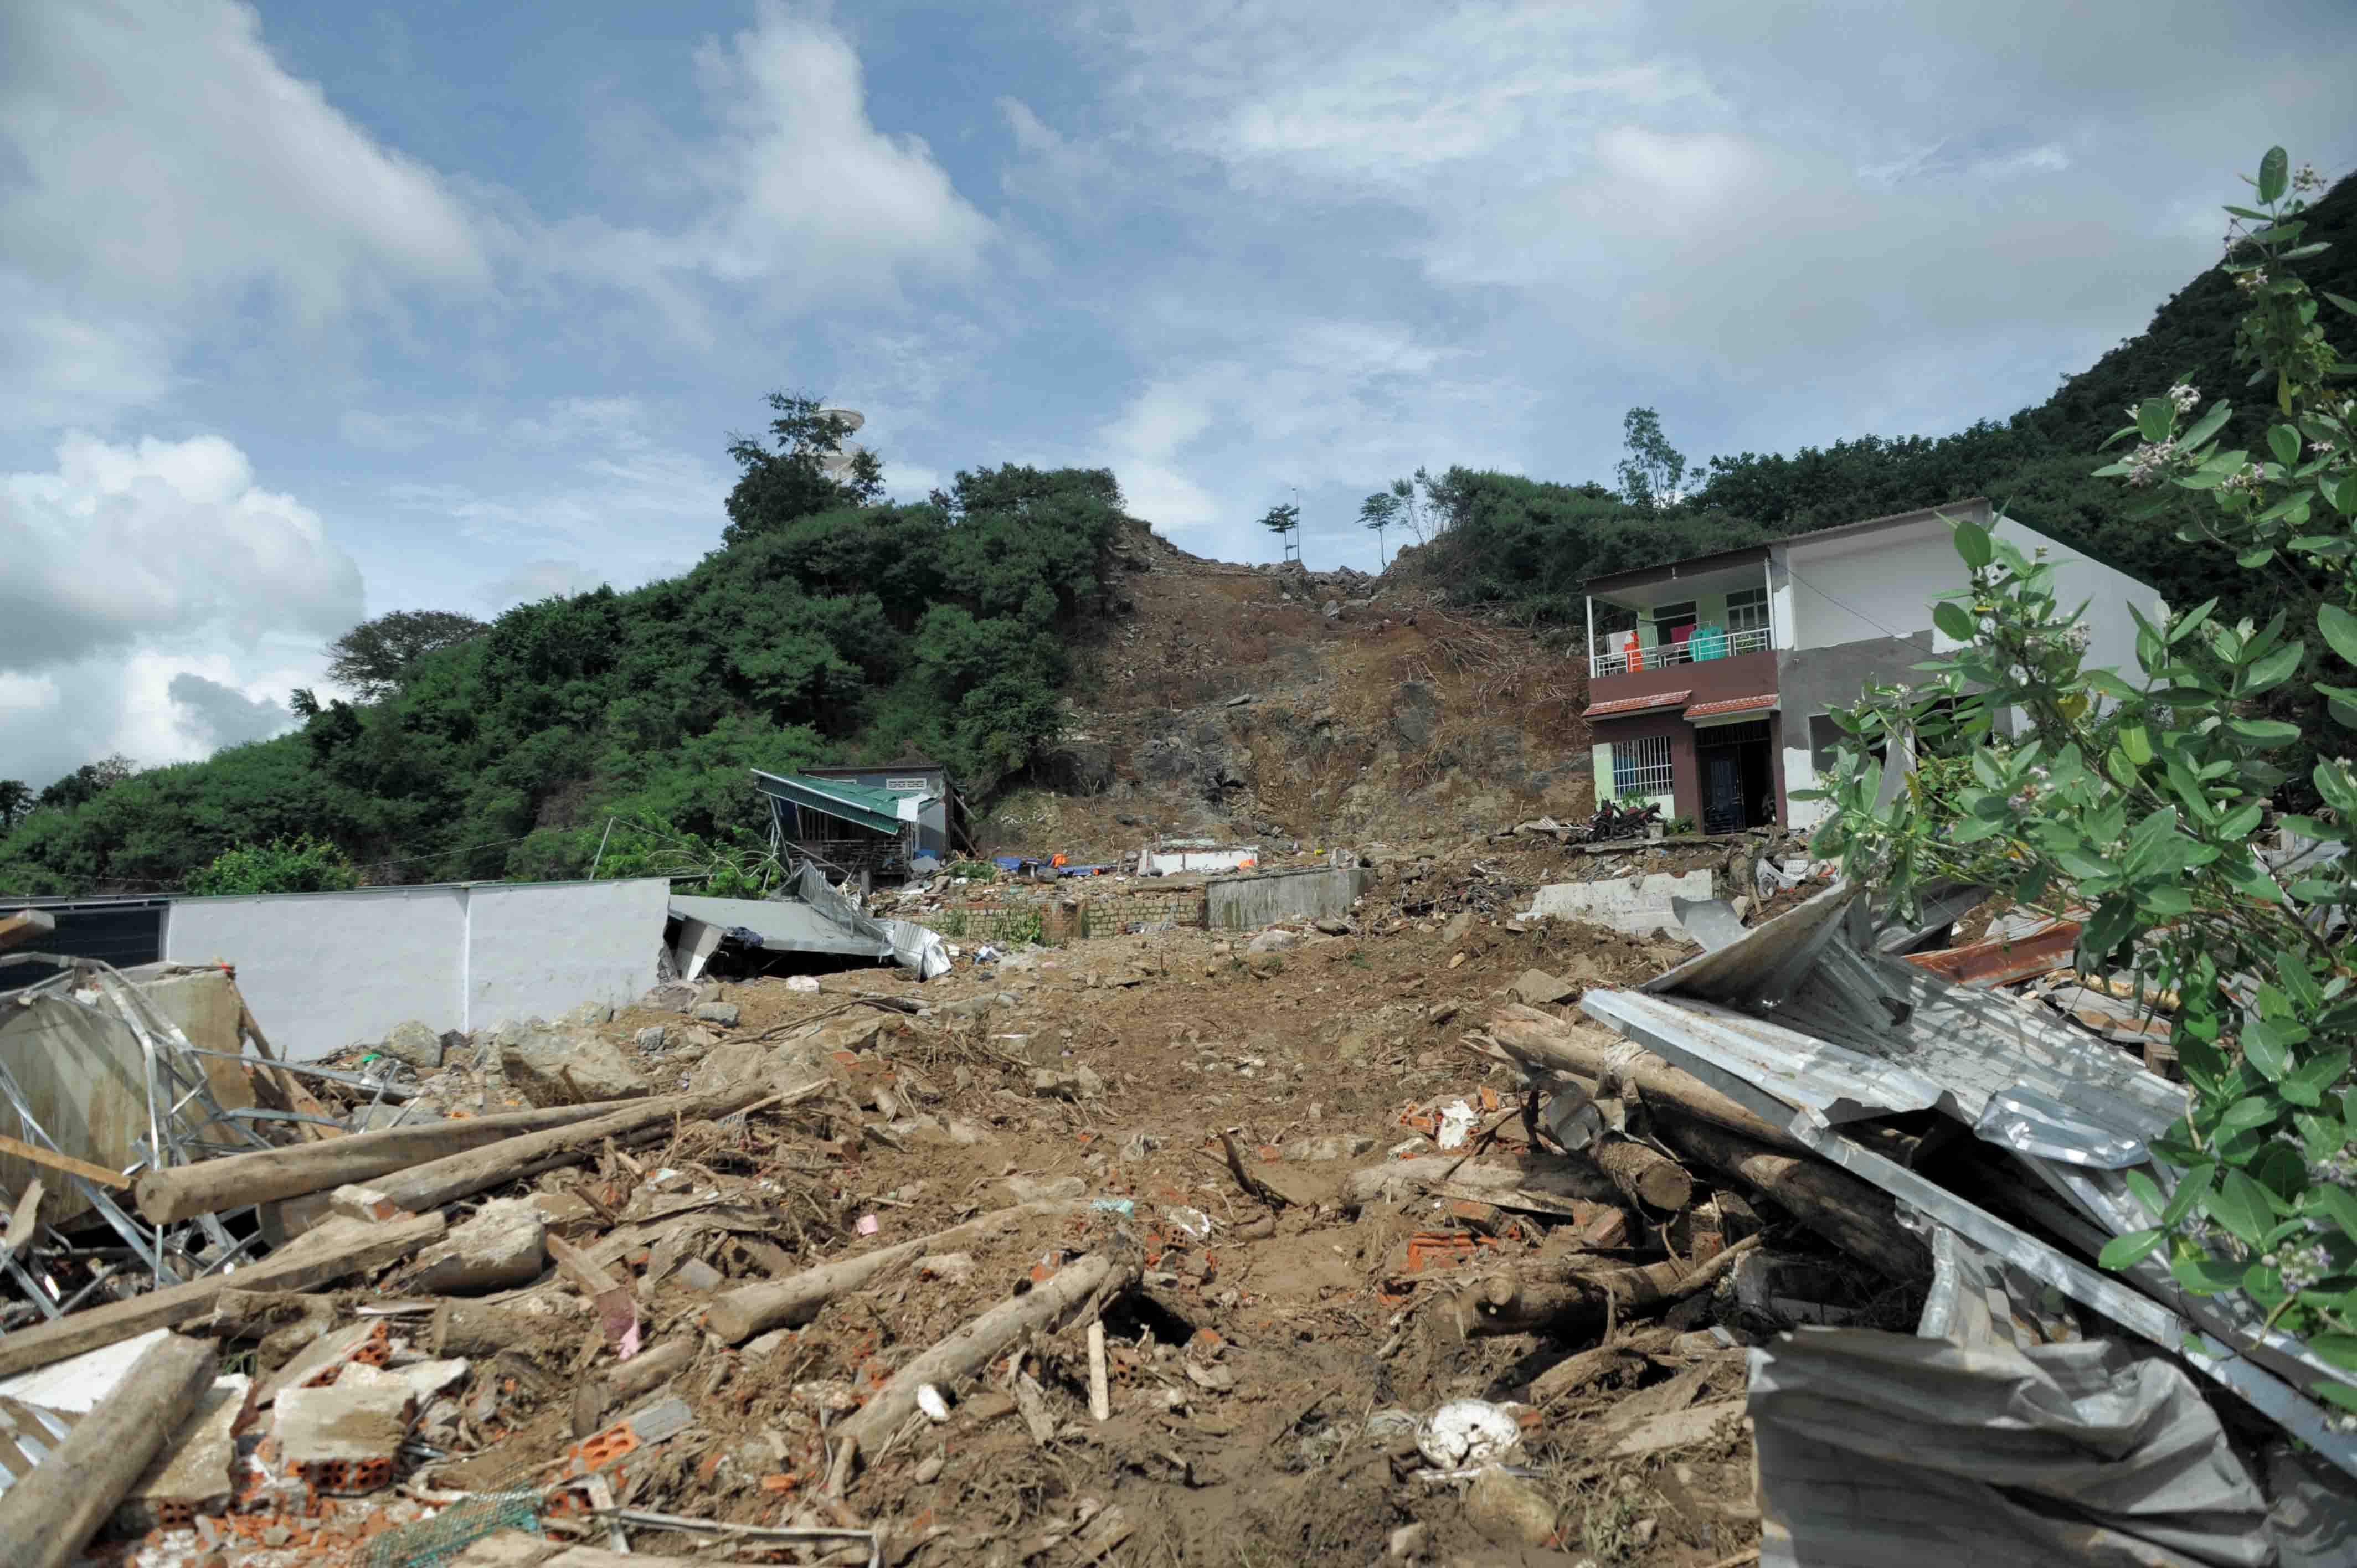 Hàng loạt sai phạm tại dự án Hoàng Phú gây sạt lở khiến 4 người trong gia đình thiệt mạng  - Ảnh 4.